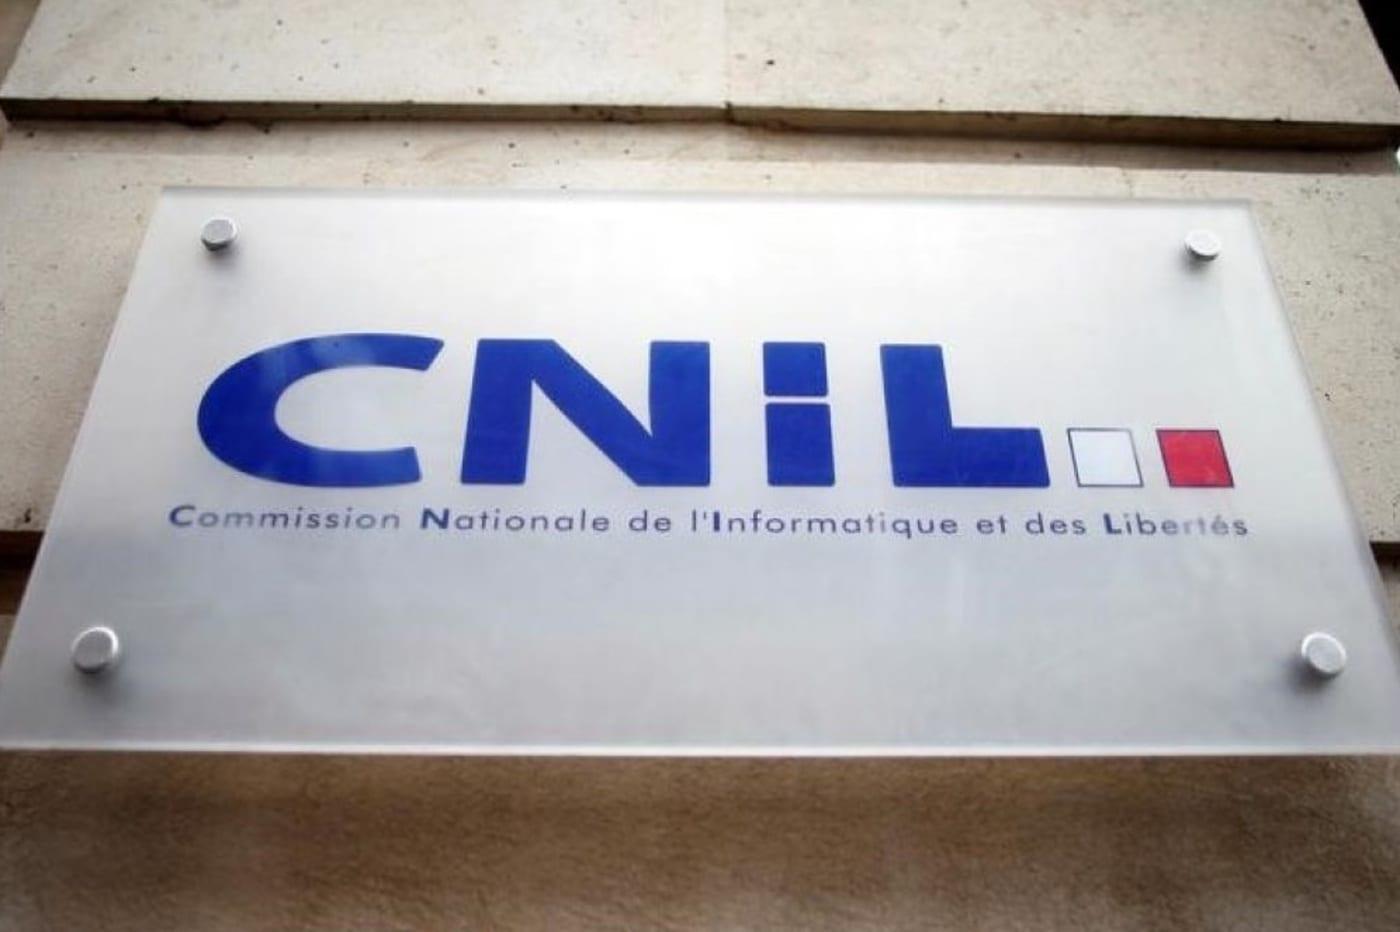 LA CNIL SAISIE POUR UNE UTILISATION ABUSIVE DES DONNÉES PERSONNELLES